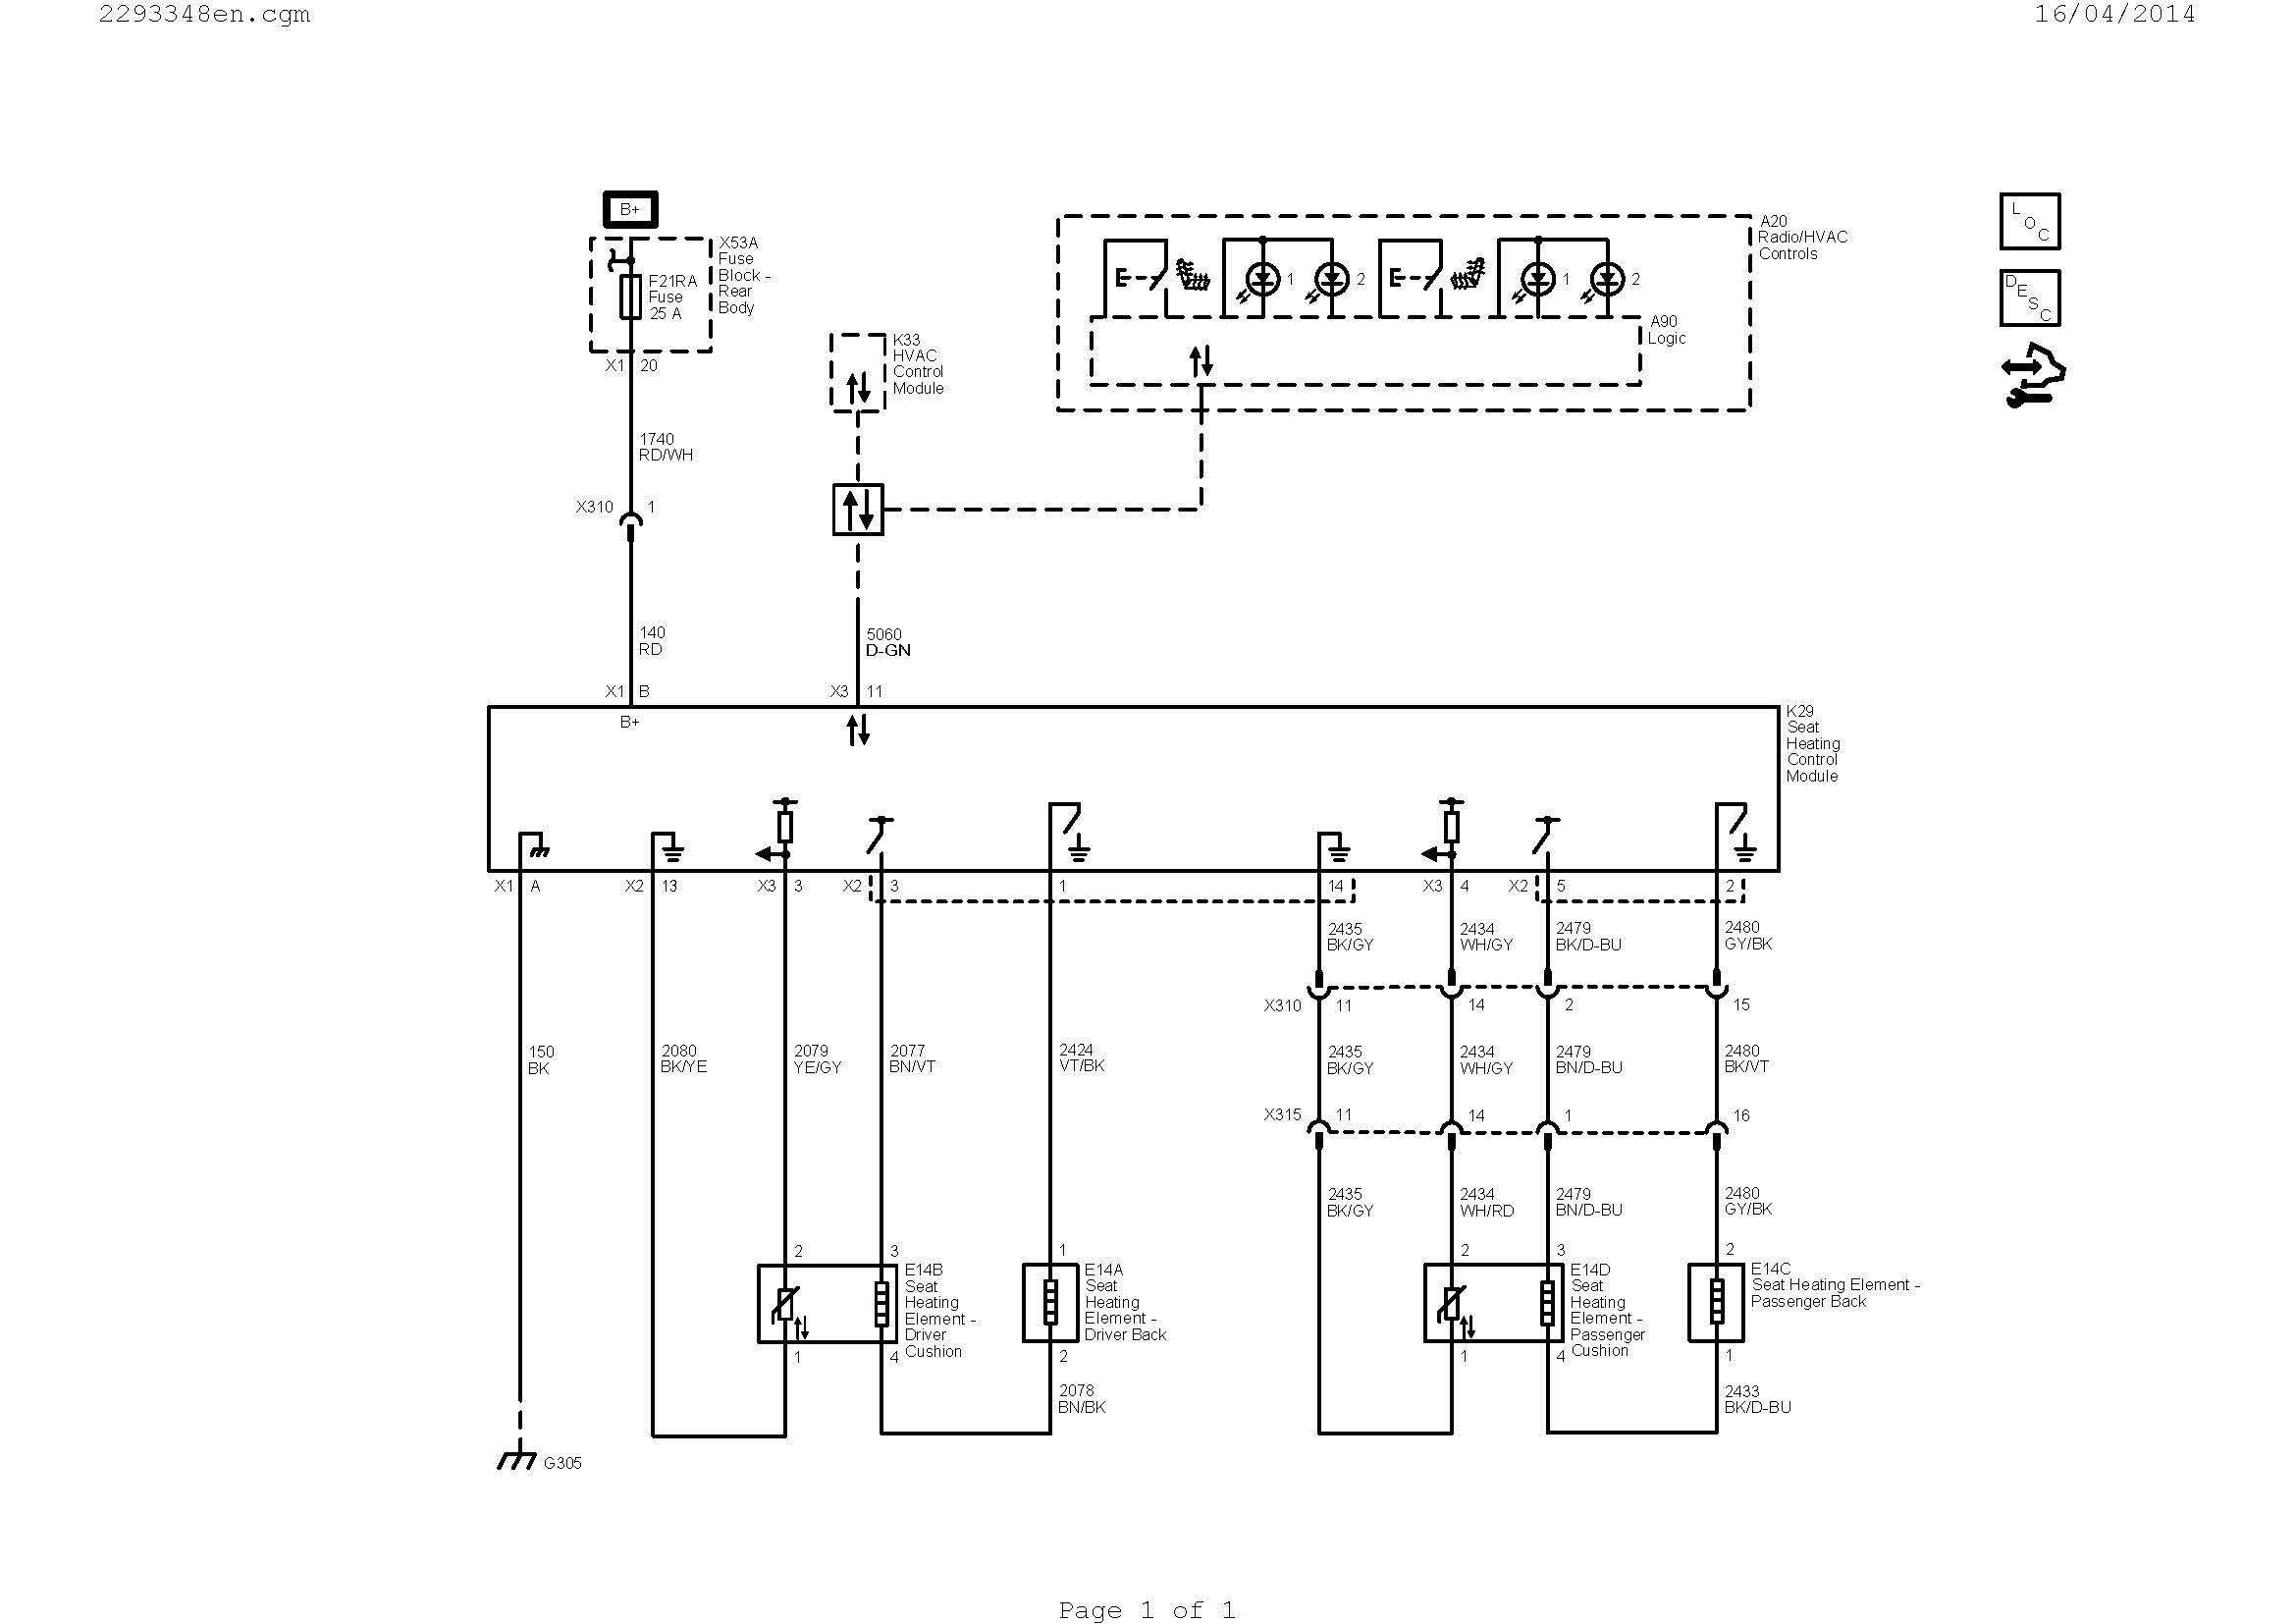 humbucker pickup wiring diagram Download-Wiring Diagram Les Paul Simple Wiring Diagram Guitar Fresh Hvac Diagram Best Hvac Diagram 0d 17-q